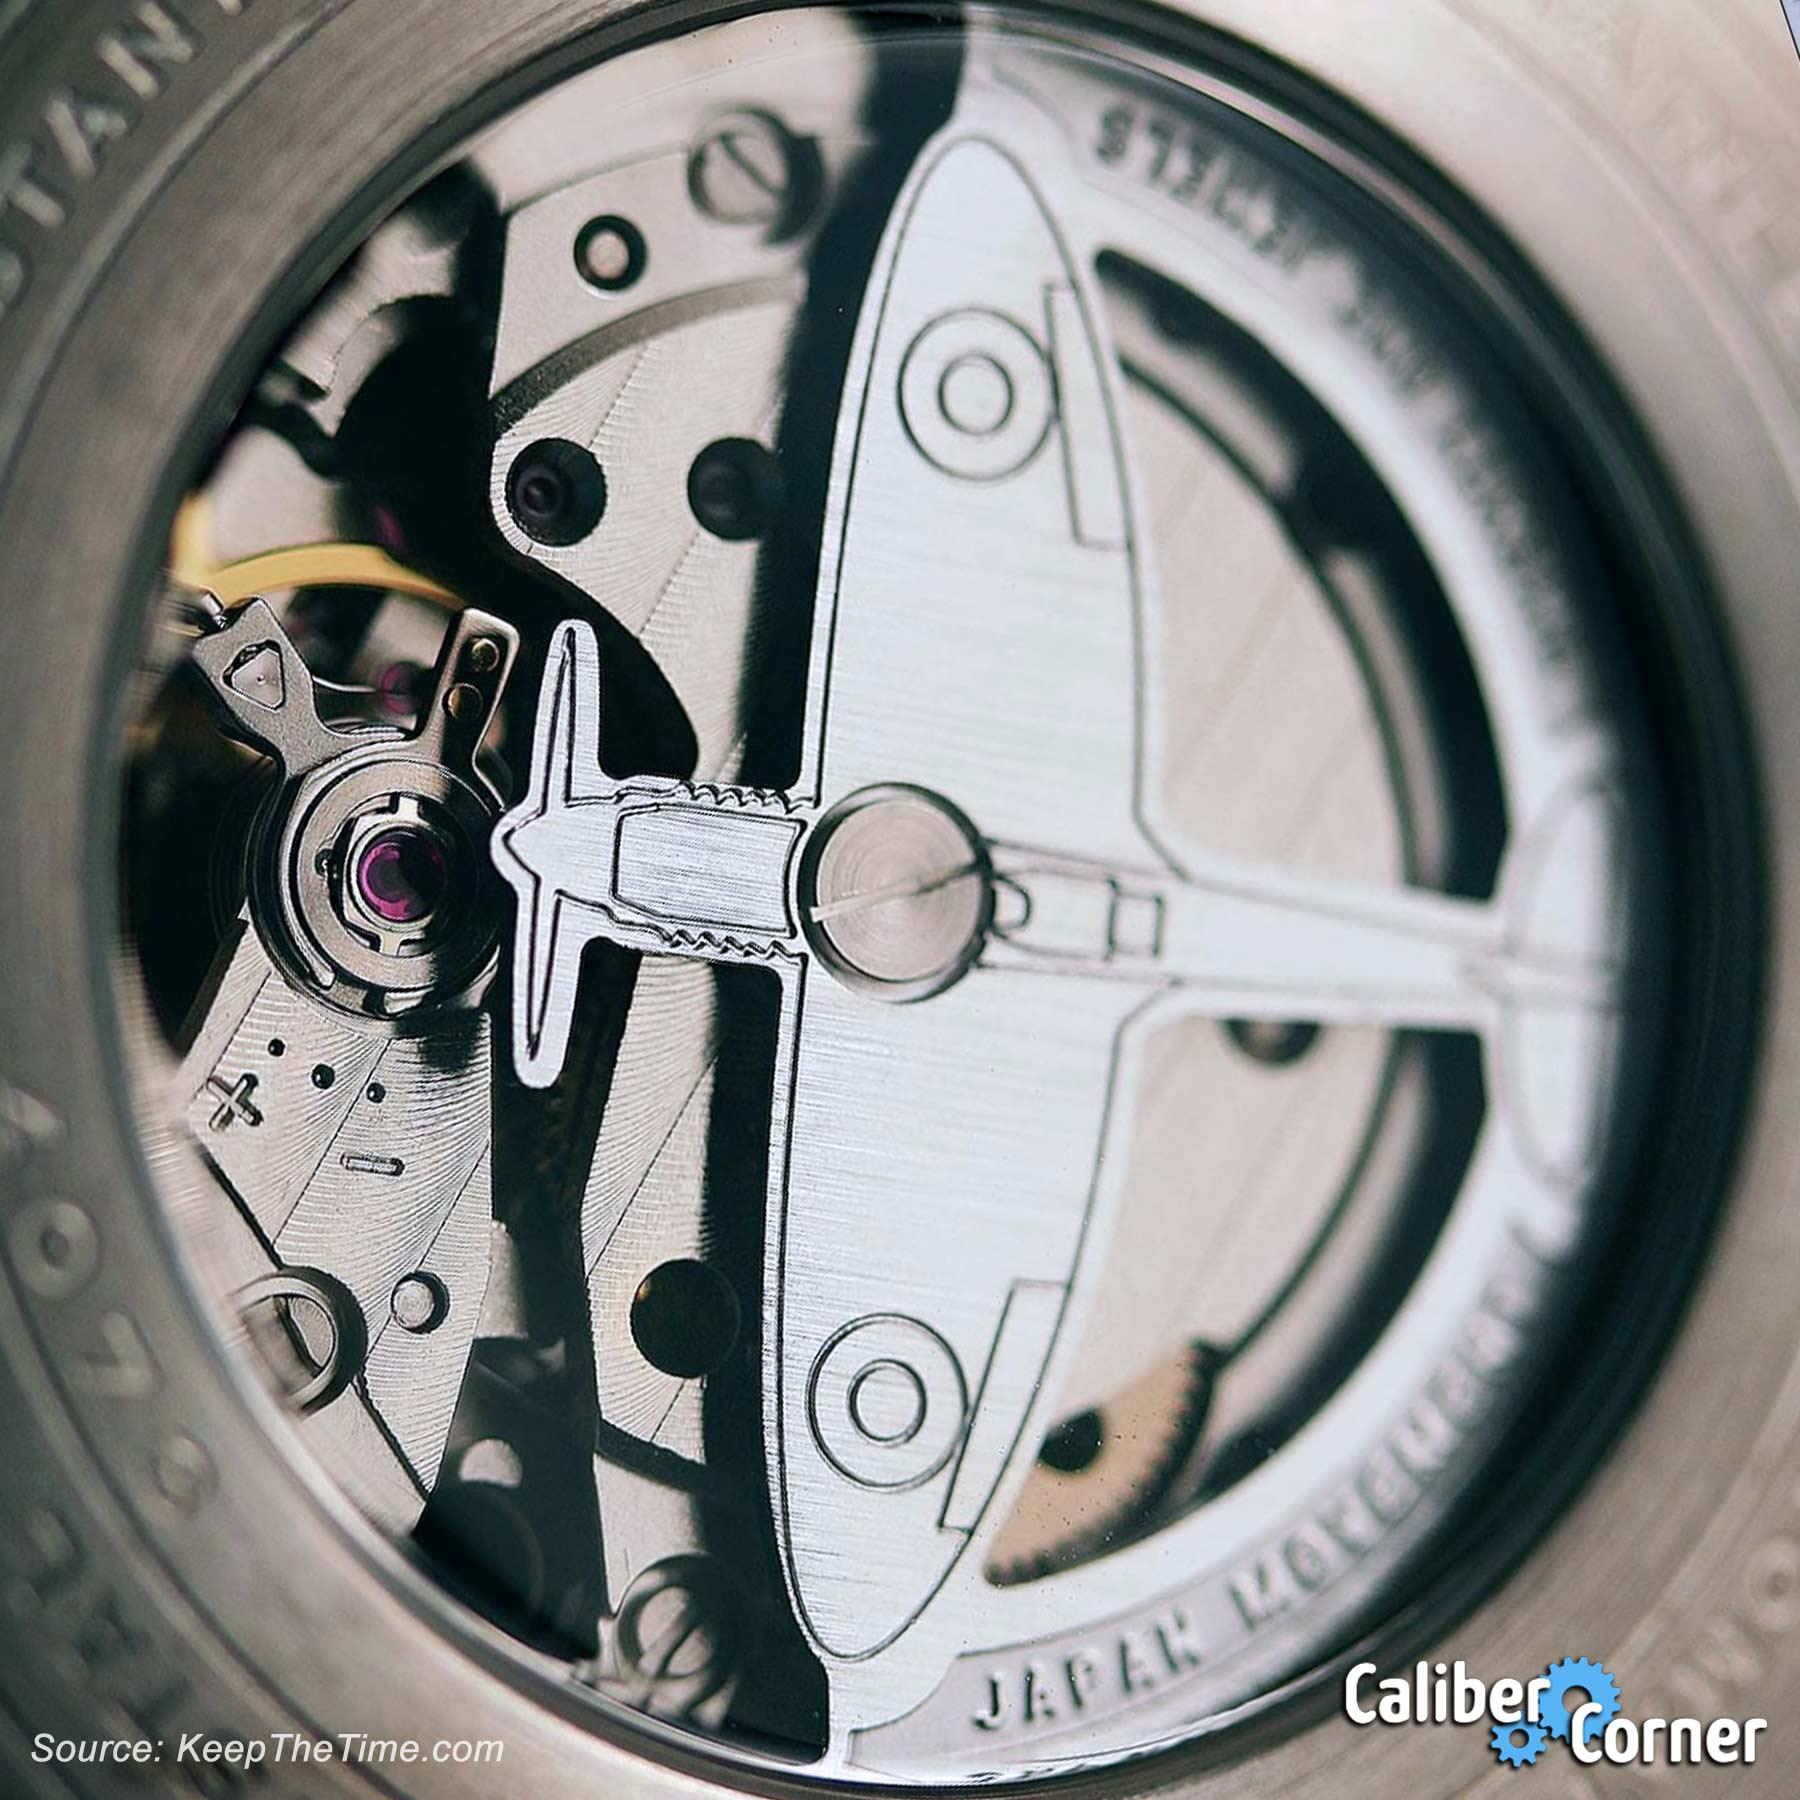 Avi 8 Watches Airplane Rotor Miyota 82